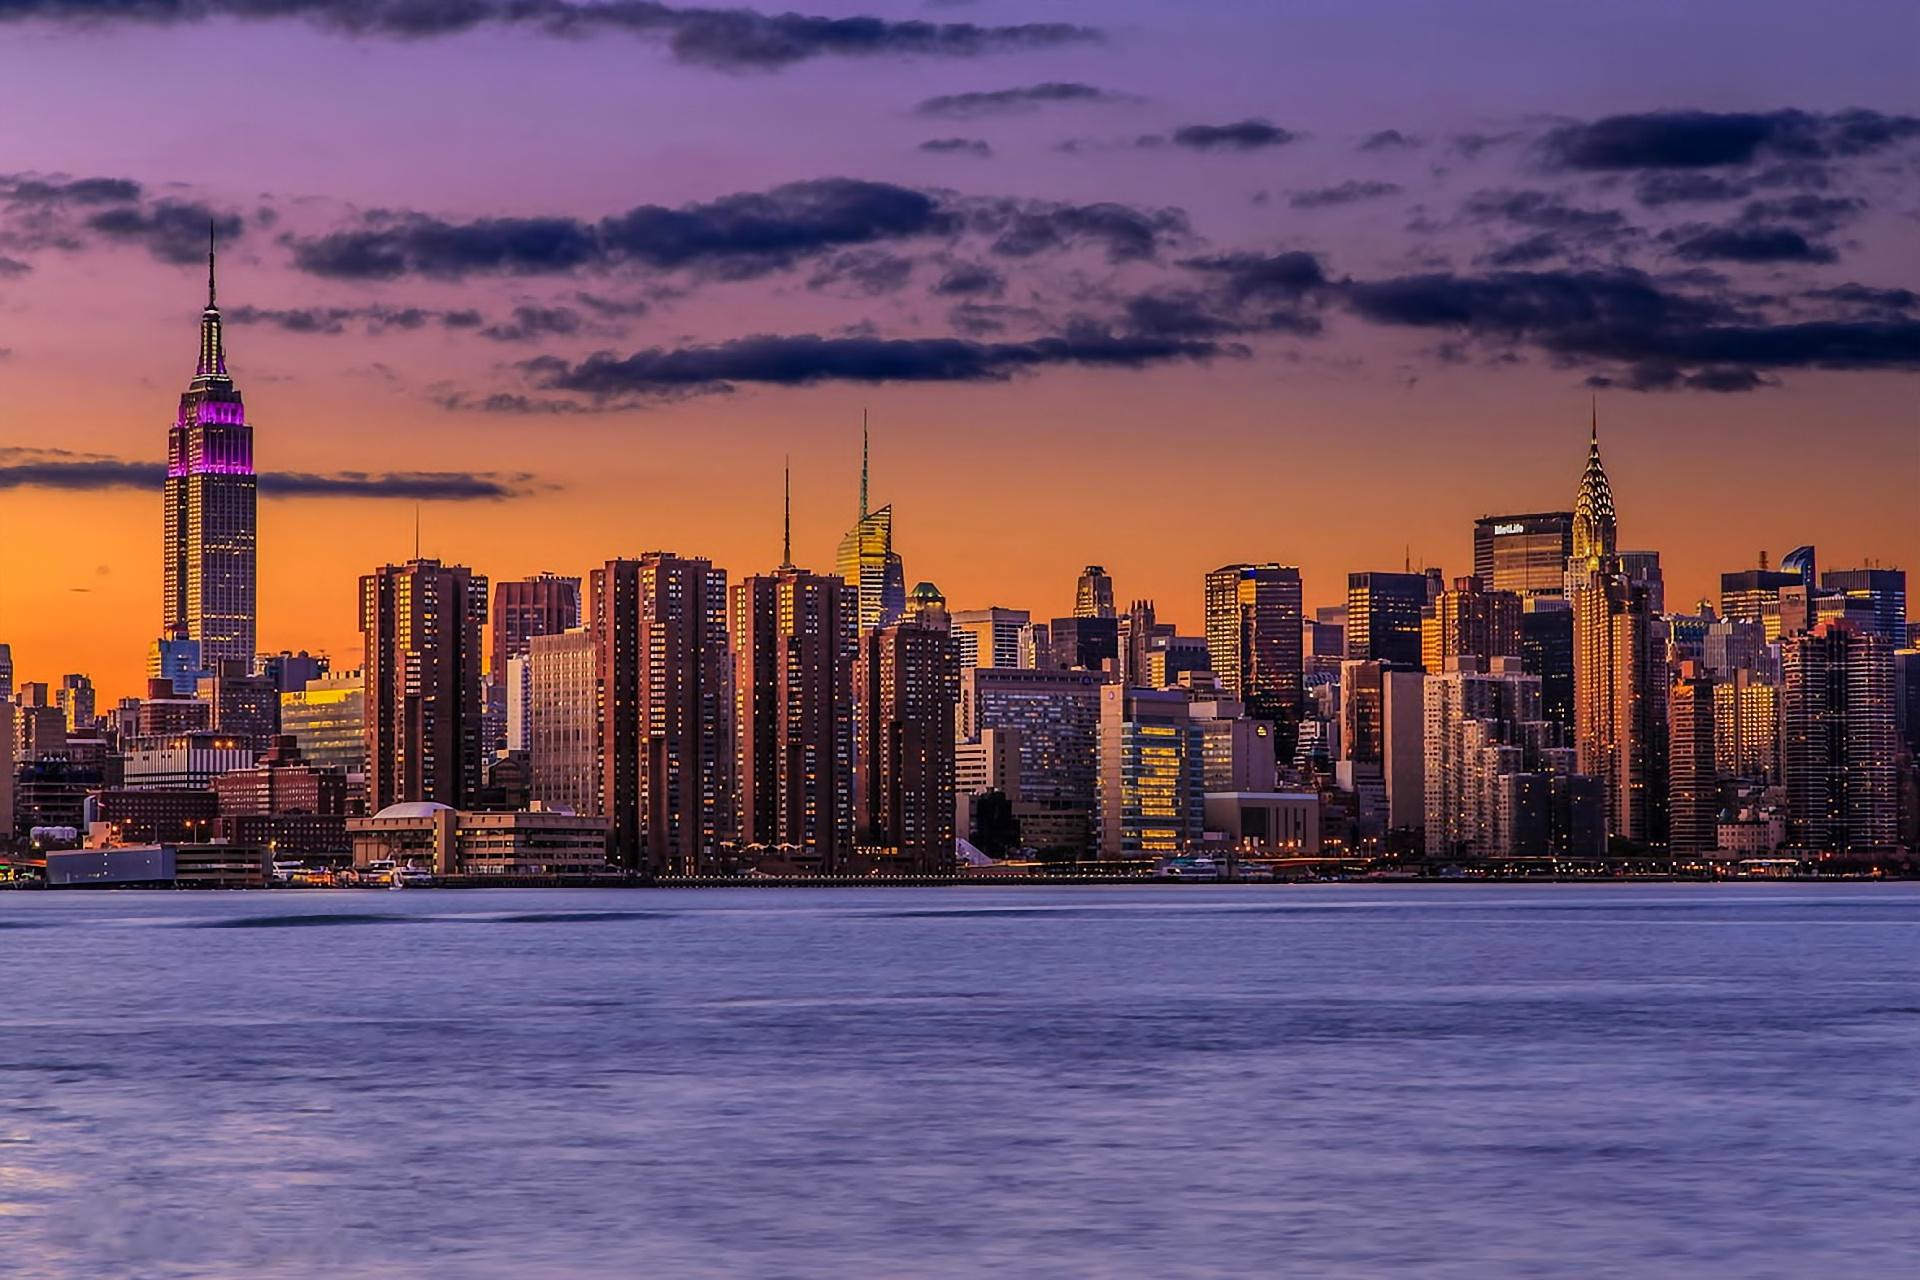 Sunset Lights New York City Manhattan Wallpaper 1920x1280 169628 Wallpaperup